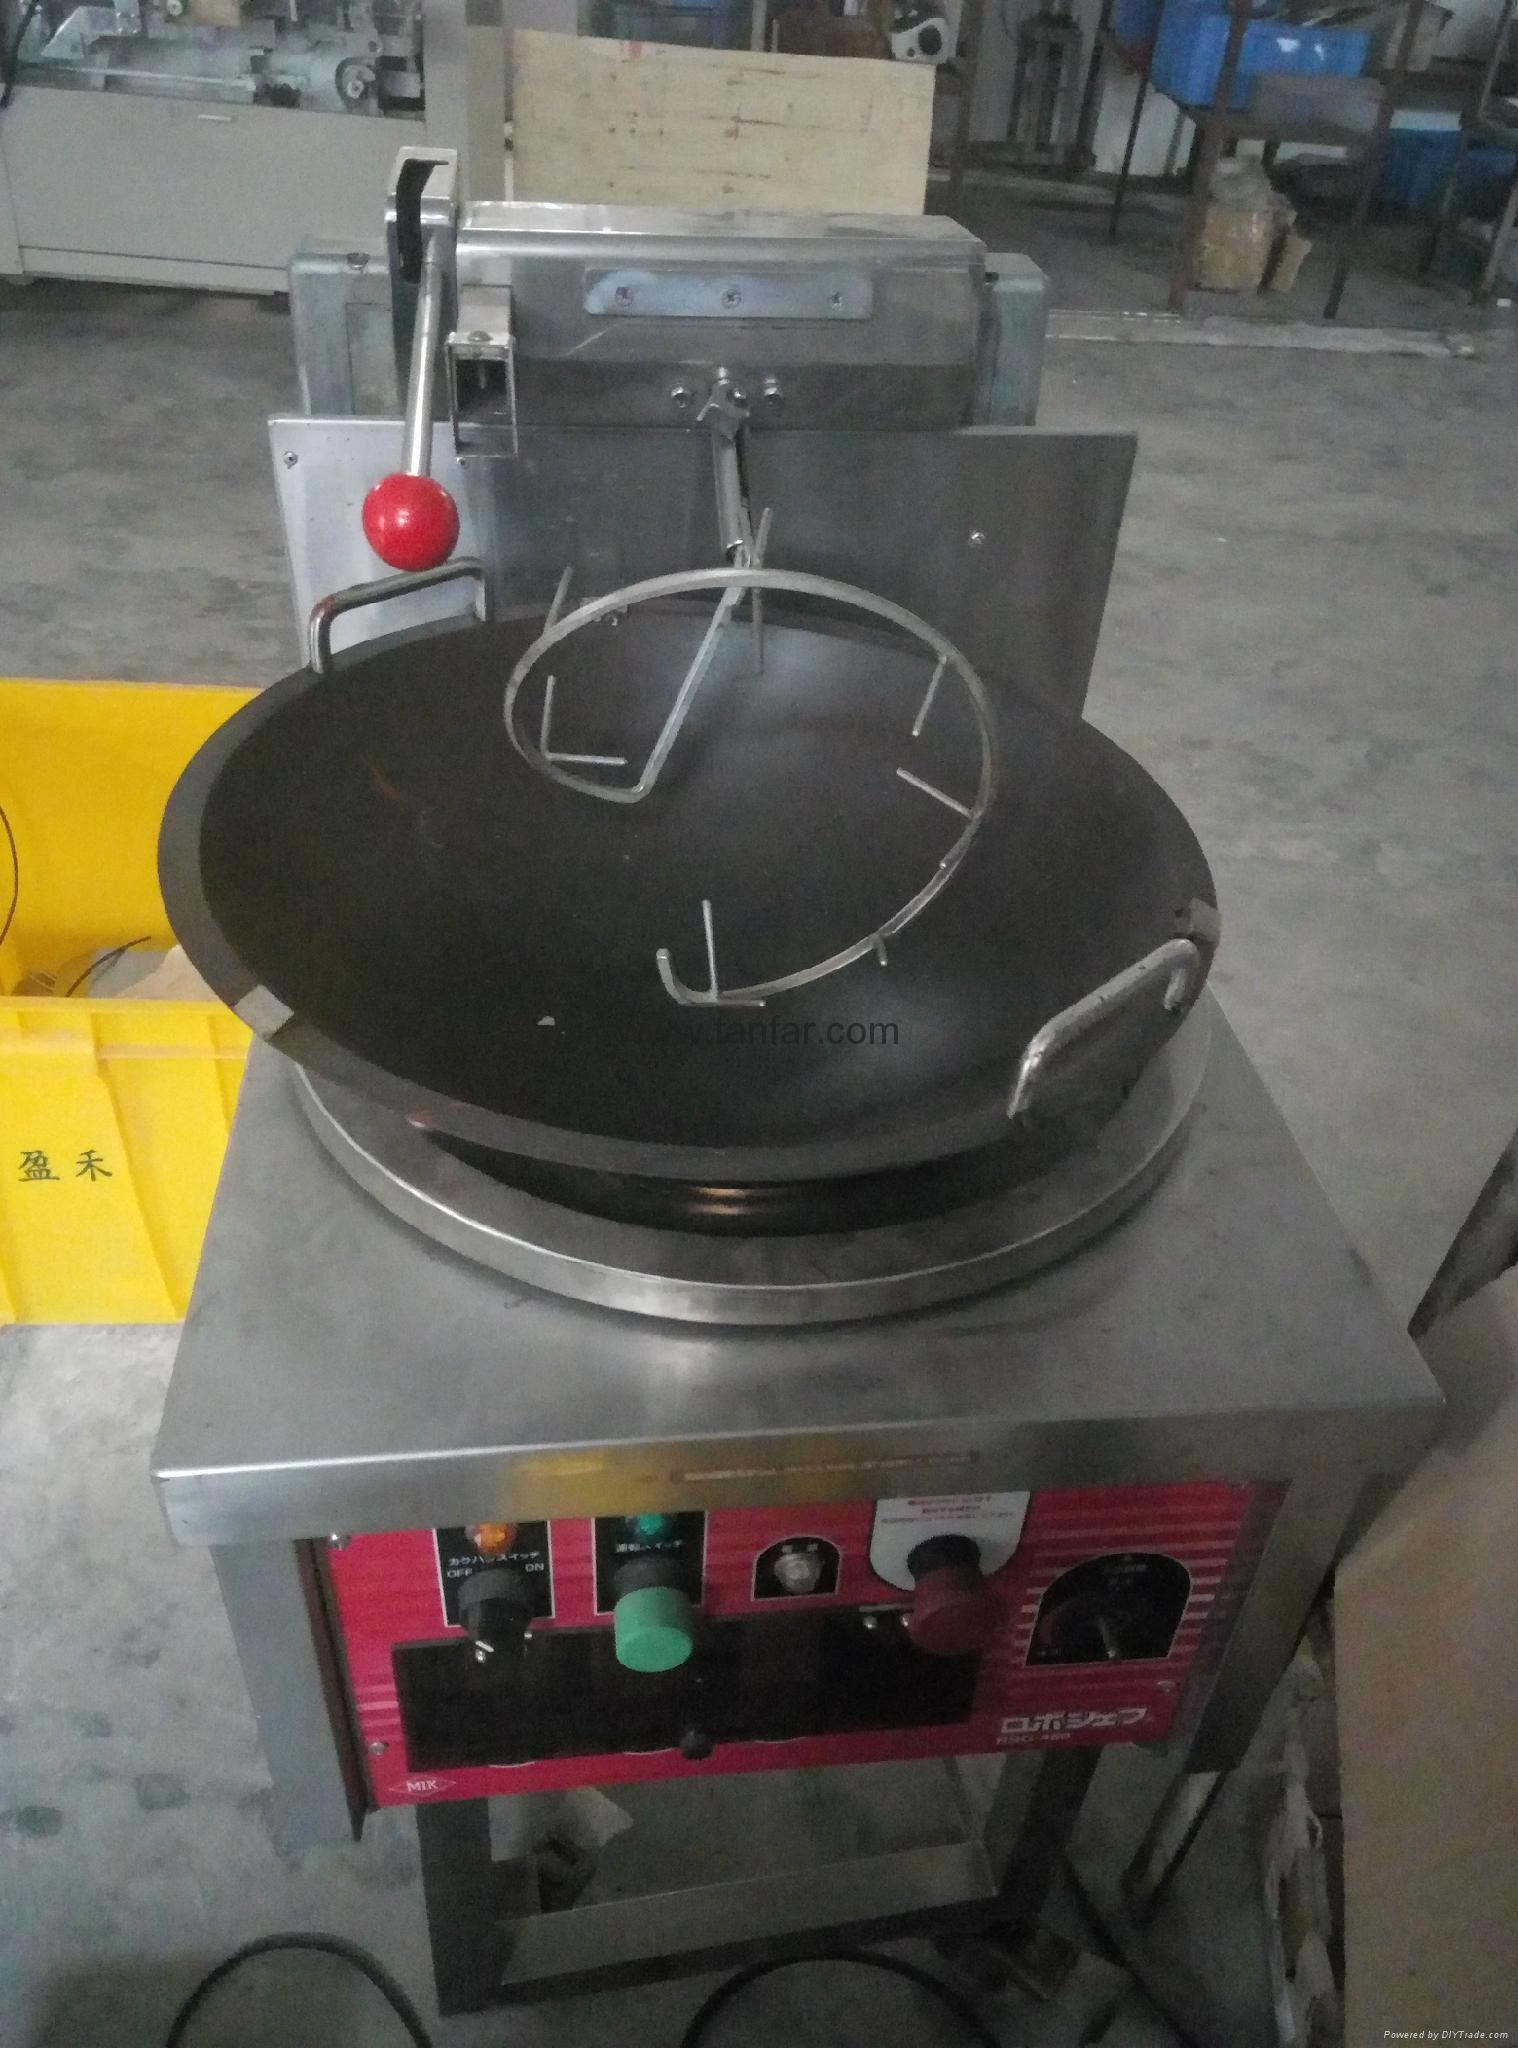 天发自动炒饭机 炒菜机 炒食机TF-460 8